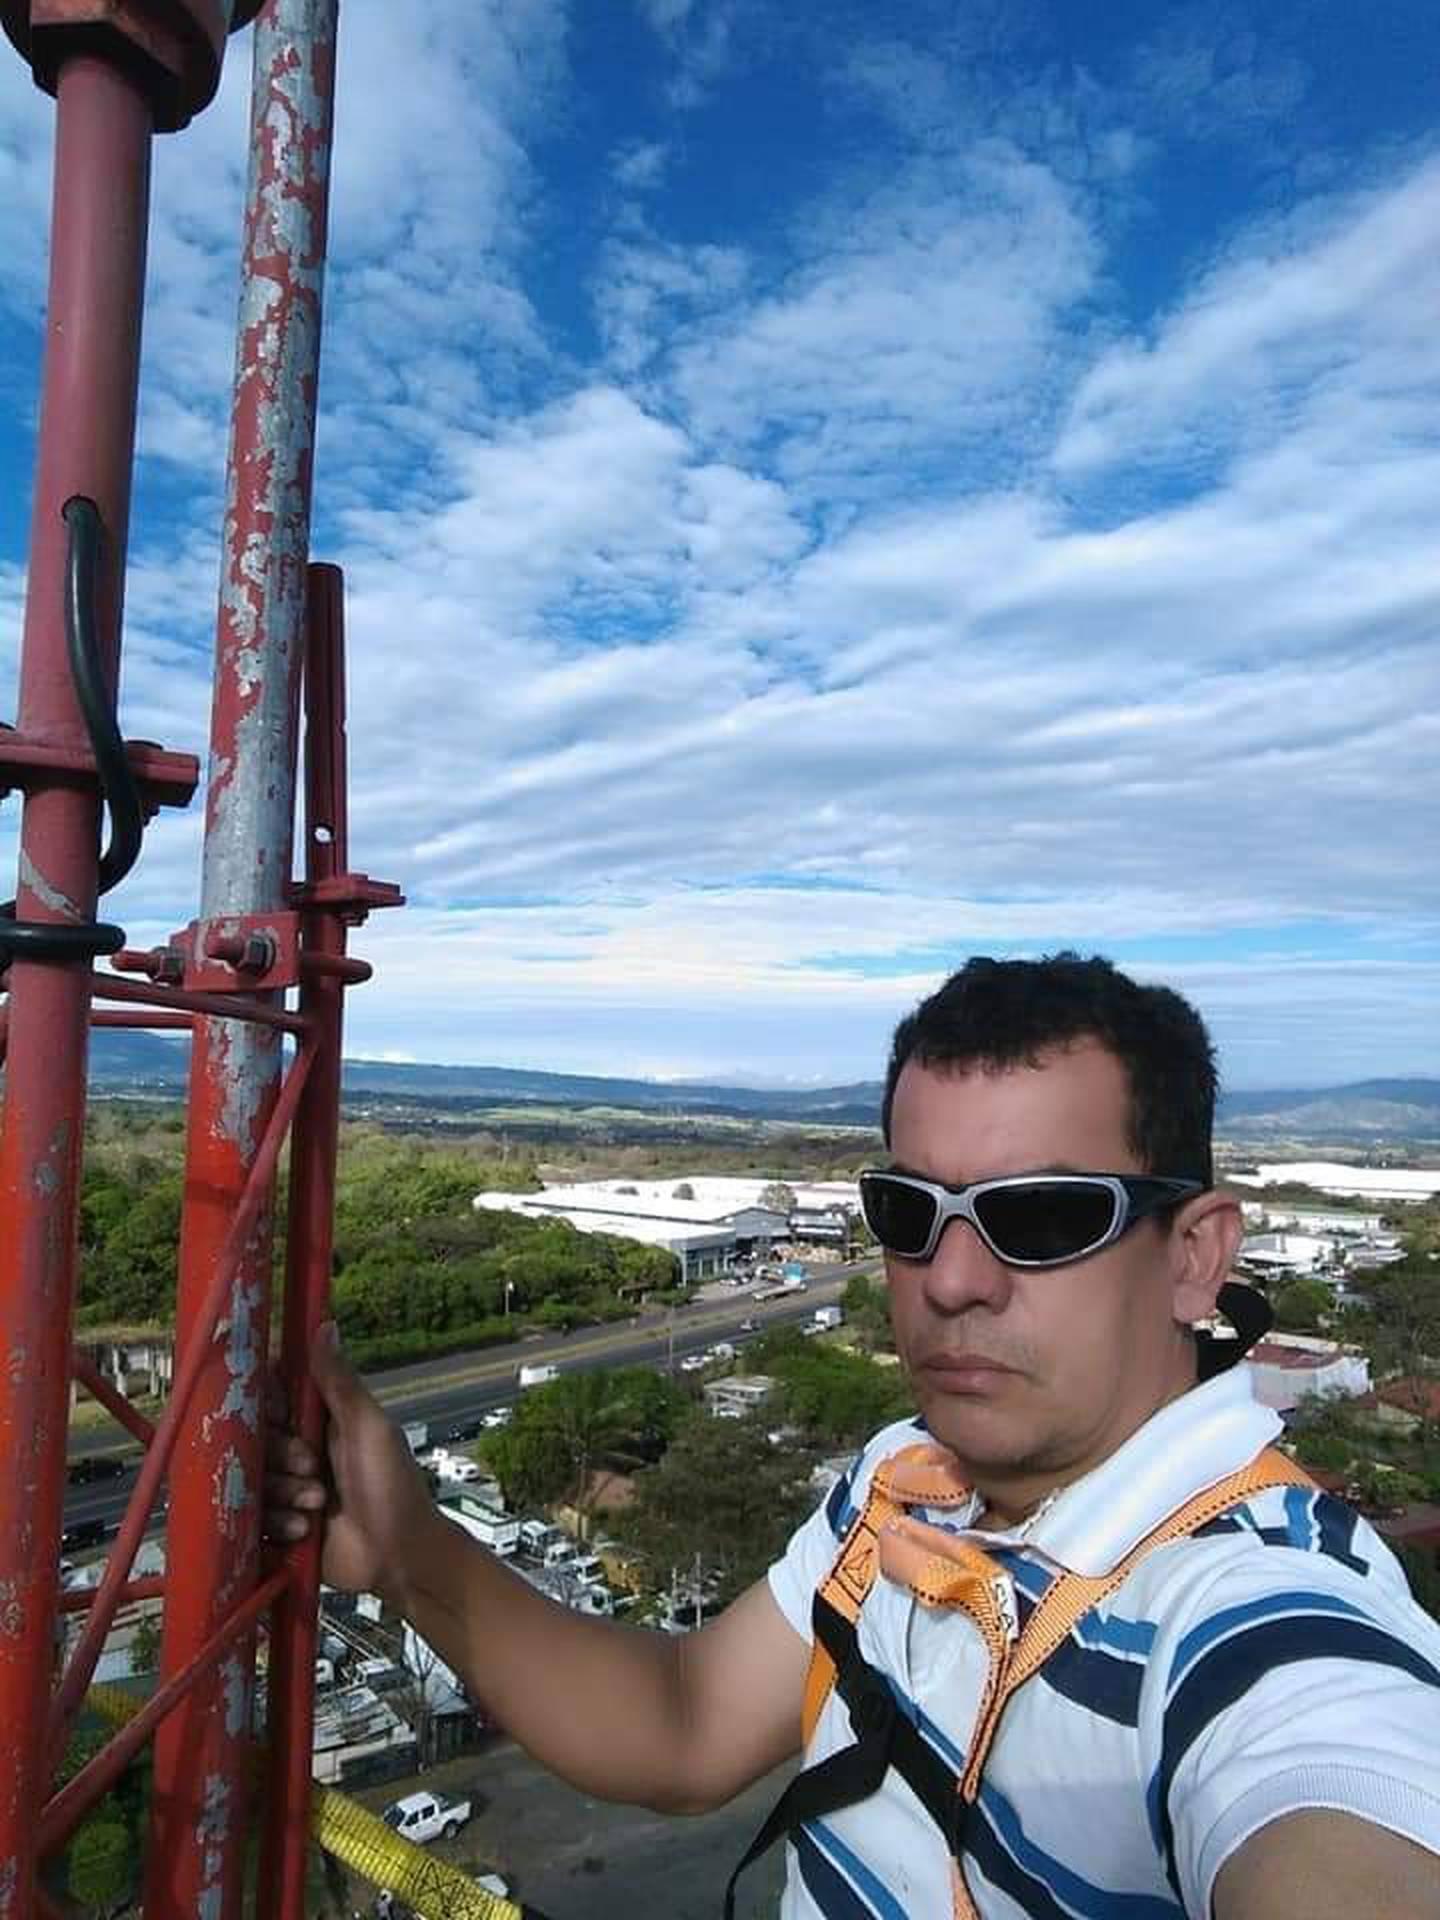 Franklin Méndez Hernández, de la empresa Innovación Electromecánica, quien ya tiene como 10 años de subir al Irazú a darle mantenimiento a varias torres